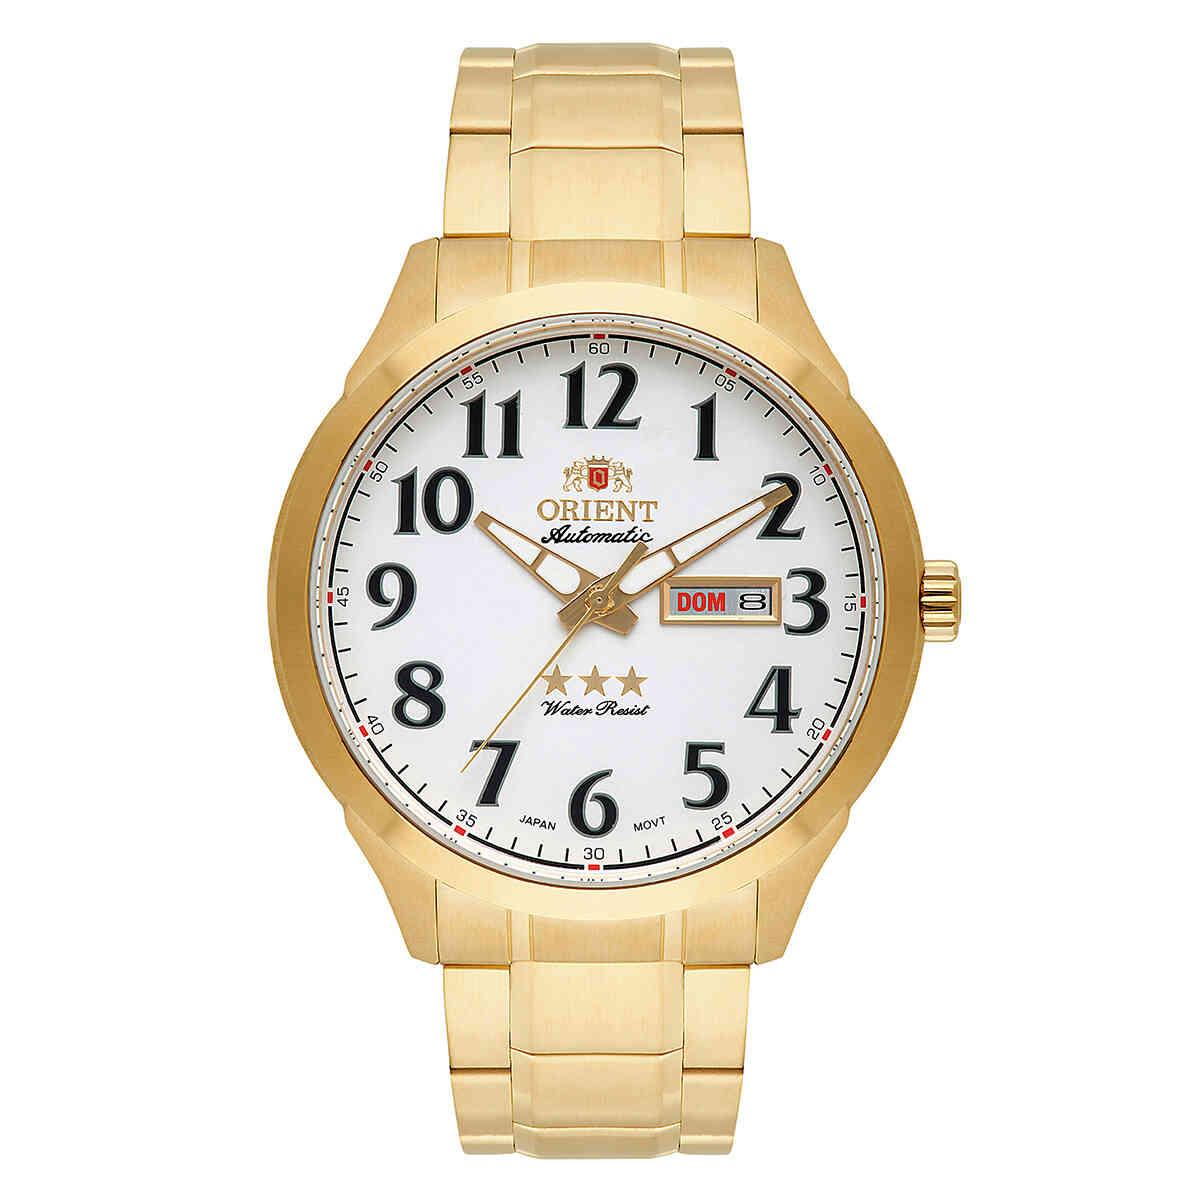 Relógio de Pulso Orient Automático Masculino 469GP074